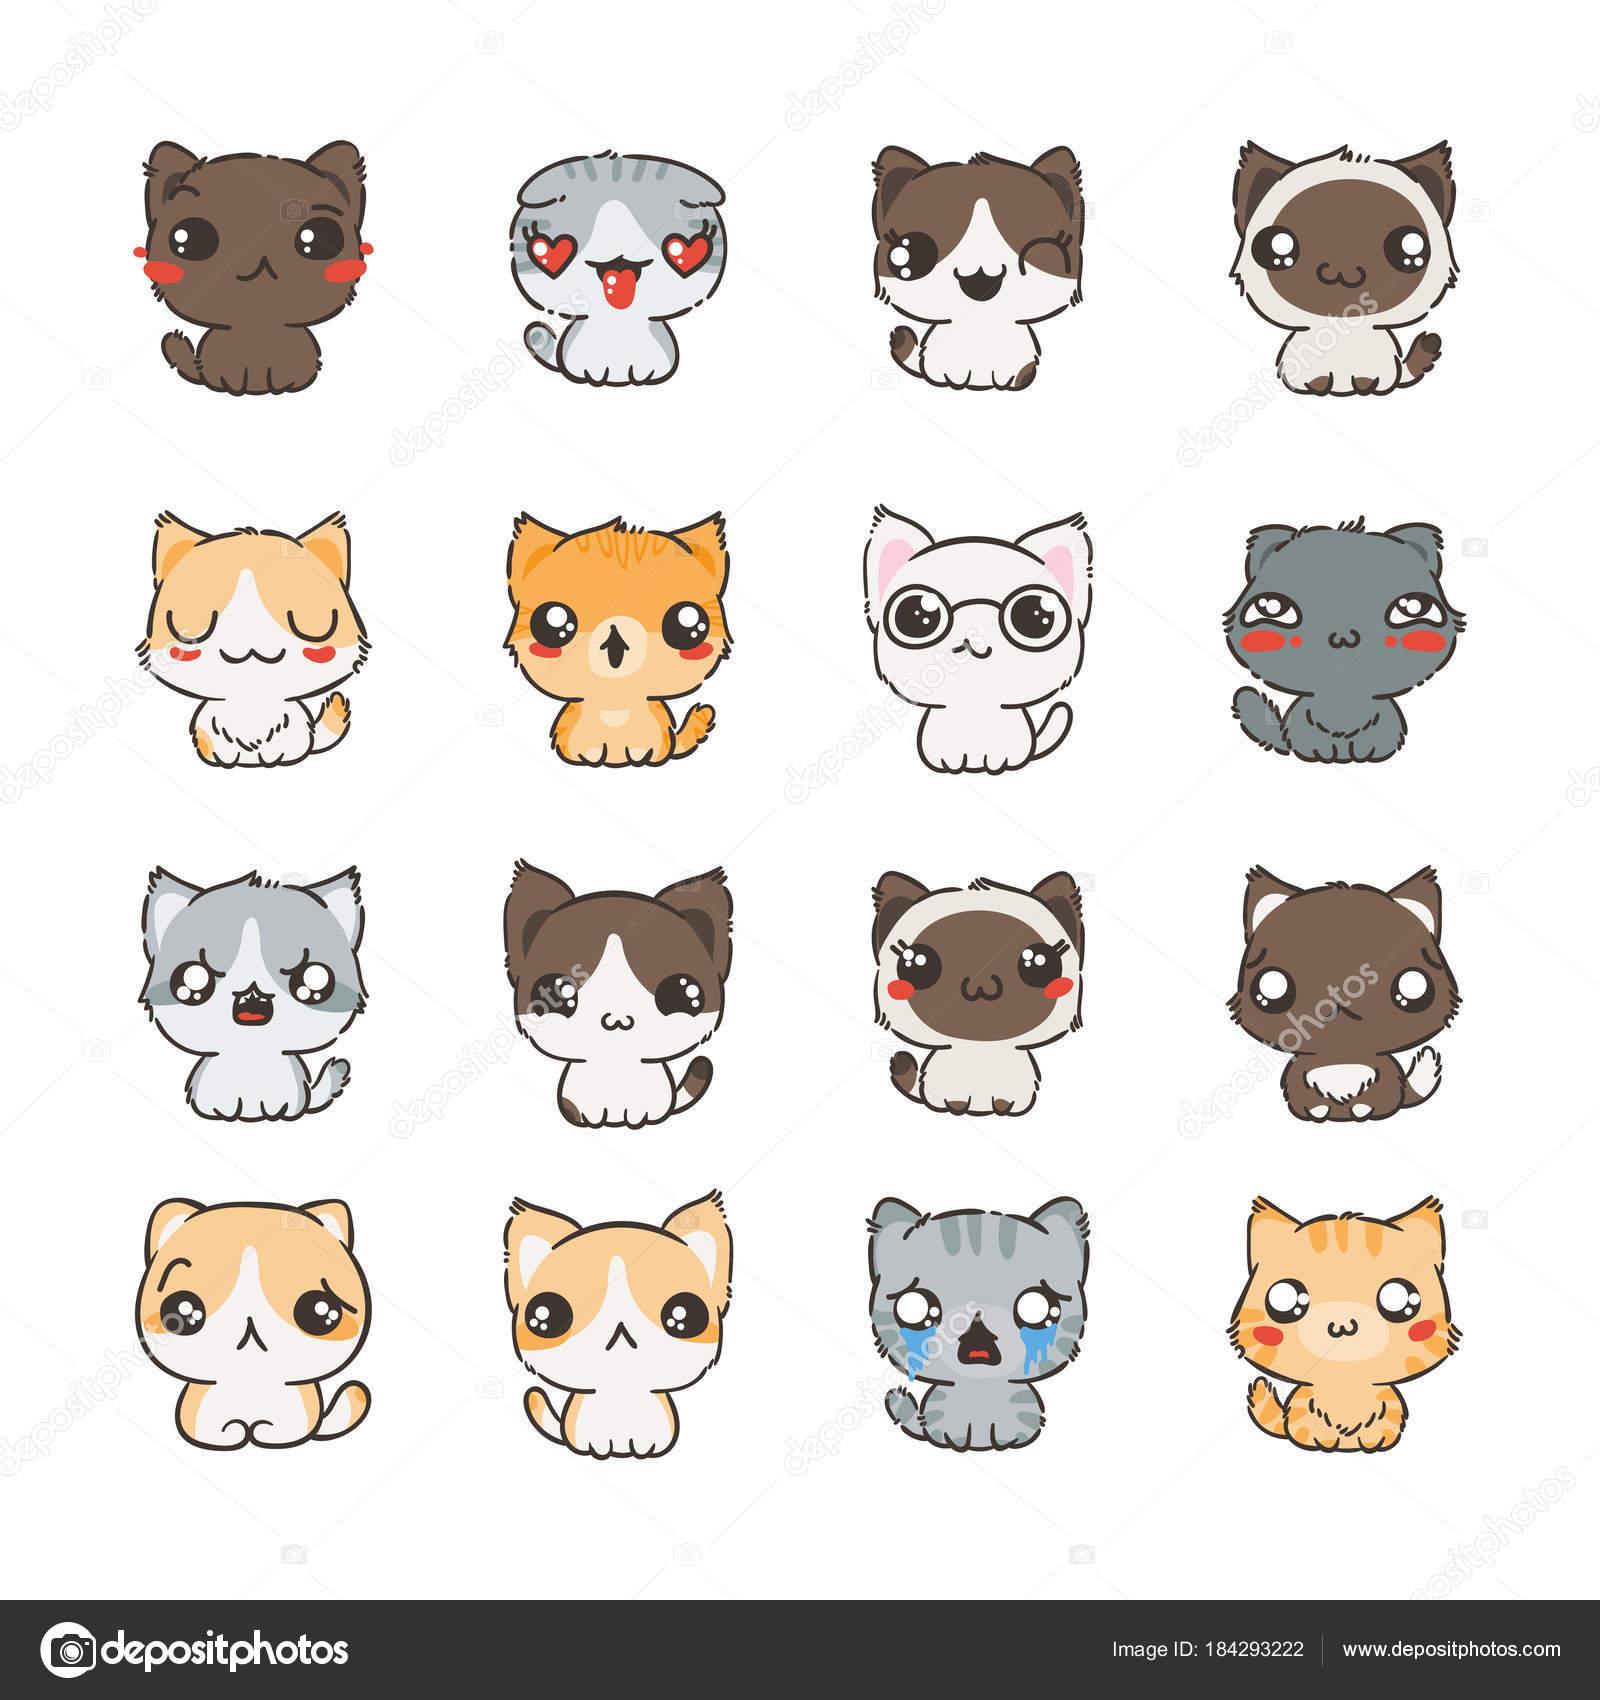 cartoon cat pictures cute cartoonankaperlacom